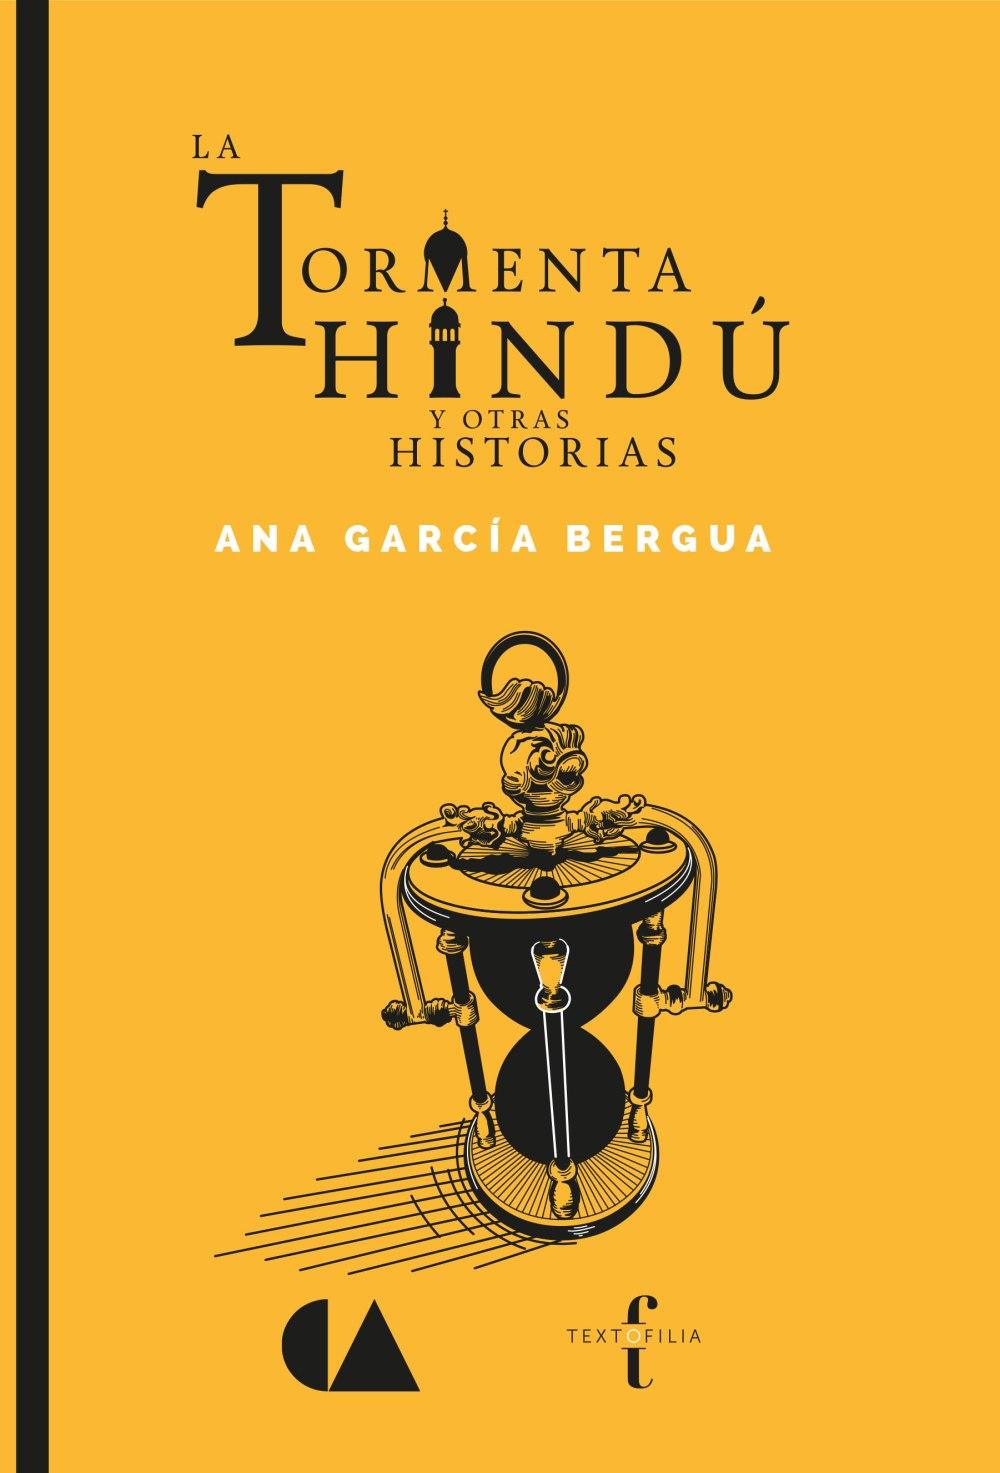 La tormenta hindú y otras historias de Ana García Bergua, Textofilia.